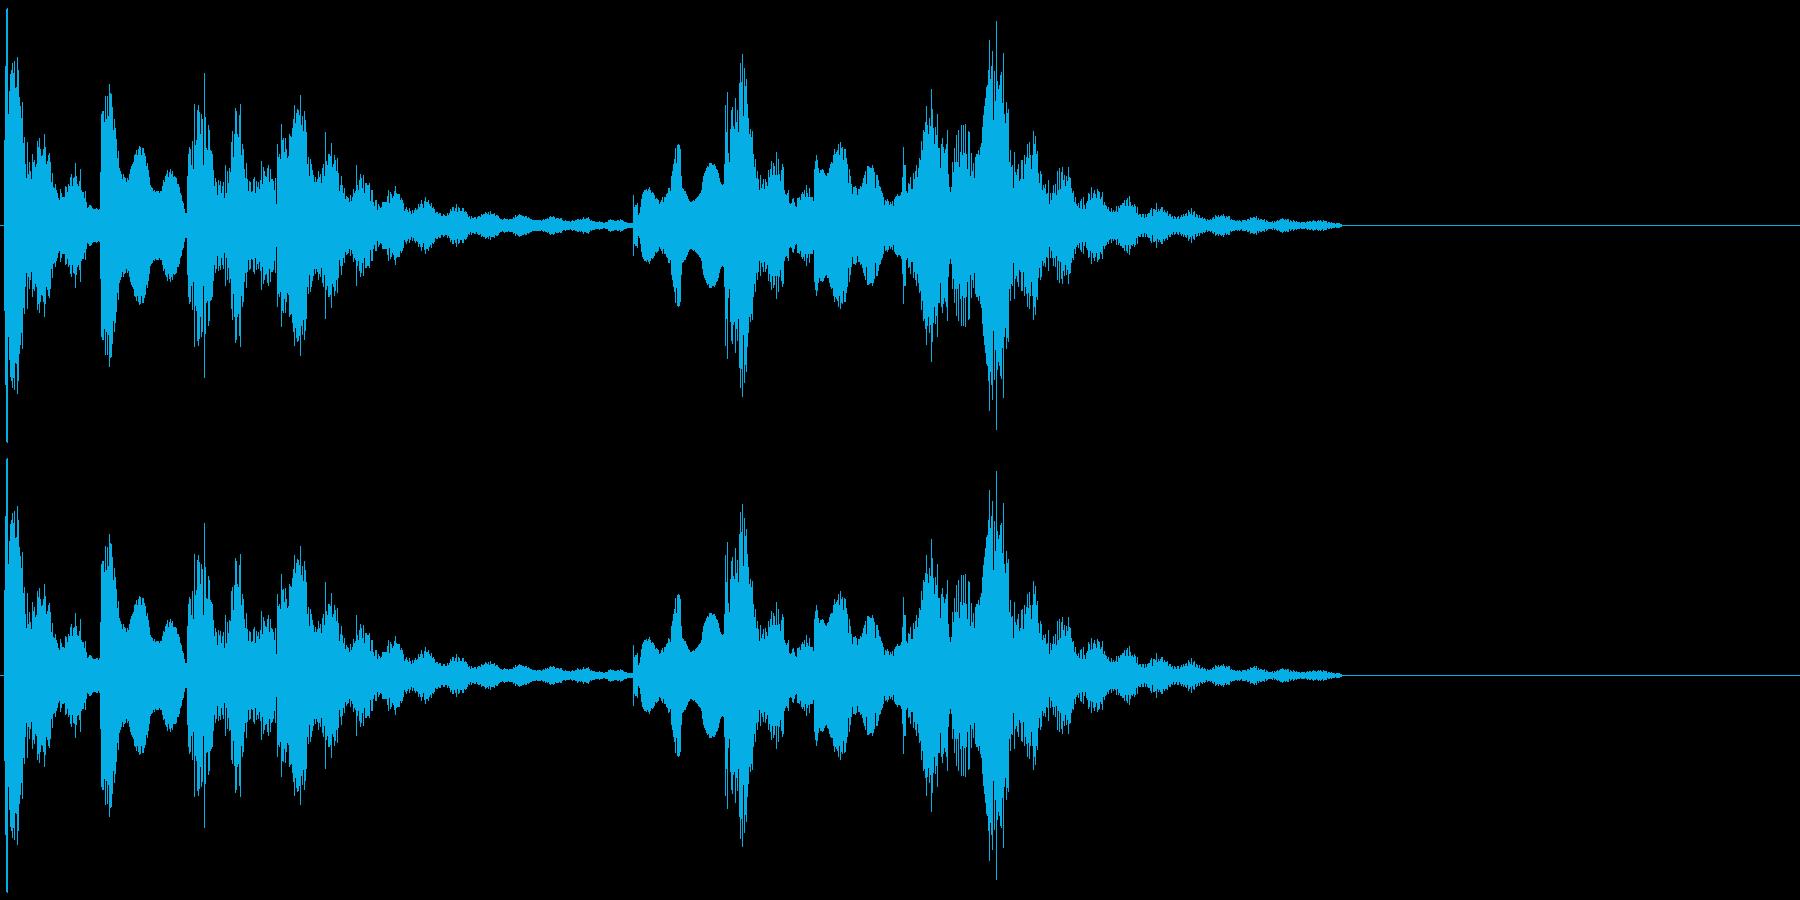 大人な雰囲気のジングル向けBGMの再生済みの波形